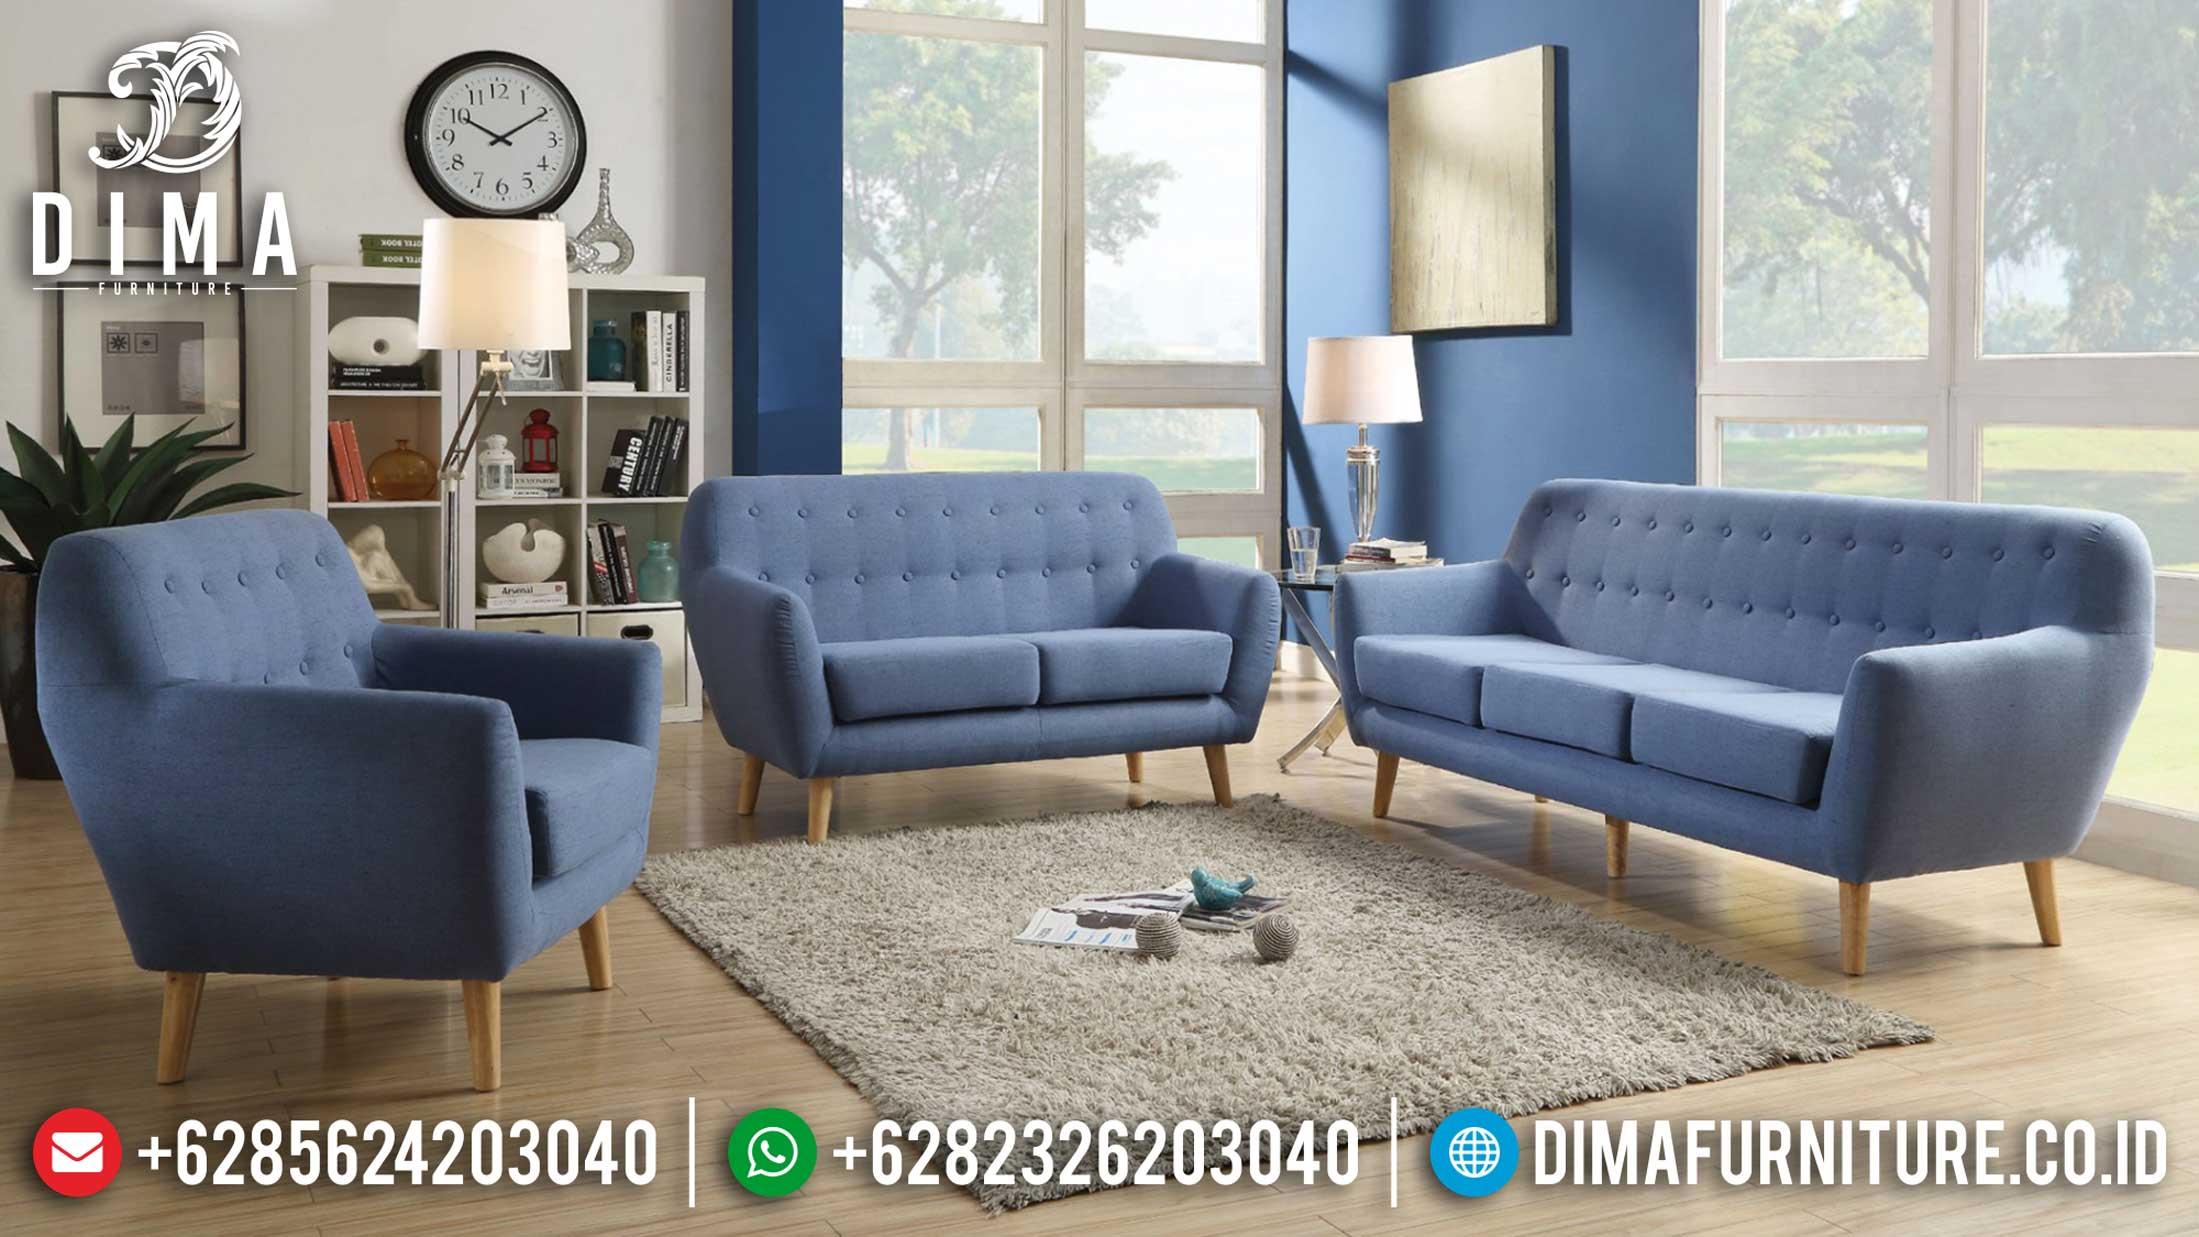 The Great Living Room Sofa Tamu Minimalis Natural Jati Perhutani Jepara TTJ-1214